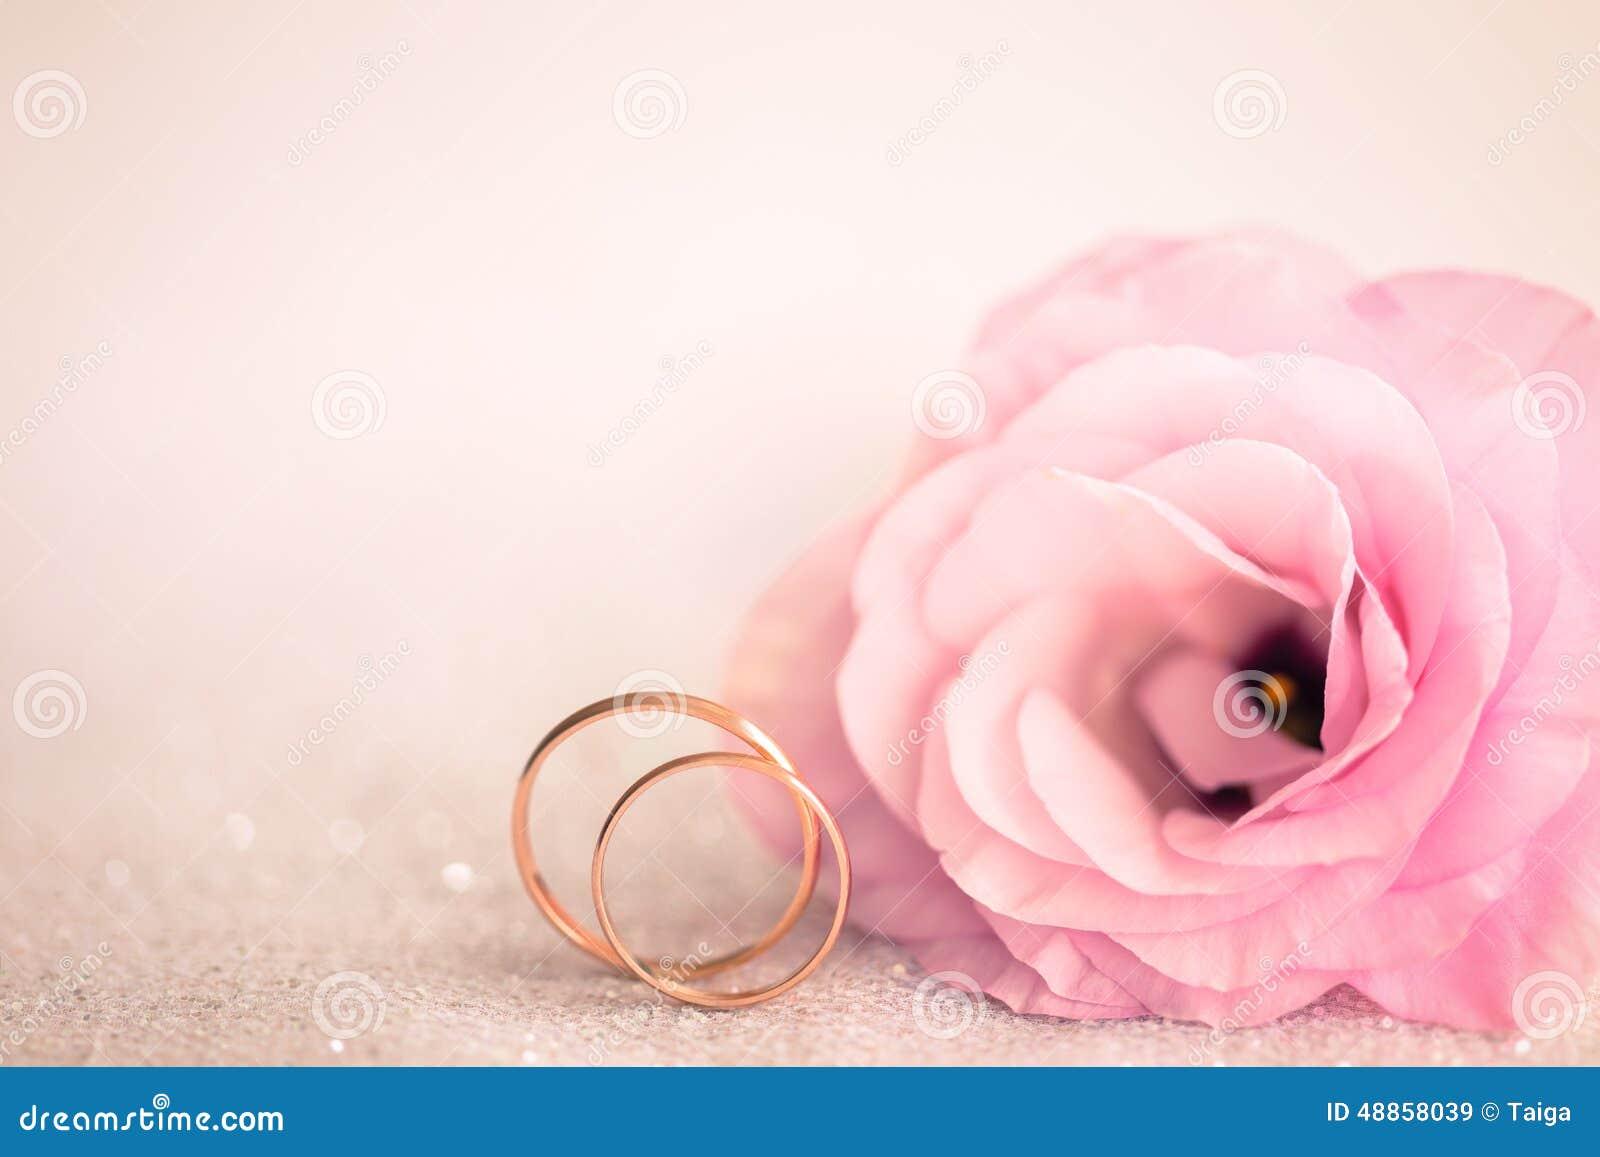 Fond Rose Doux De Mariage Avec Les Anneaux Et La Fleur Photo stock ...